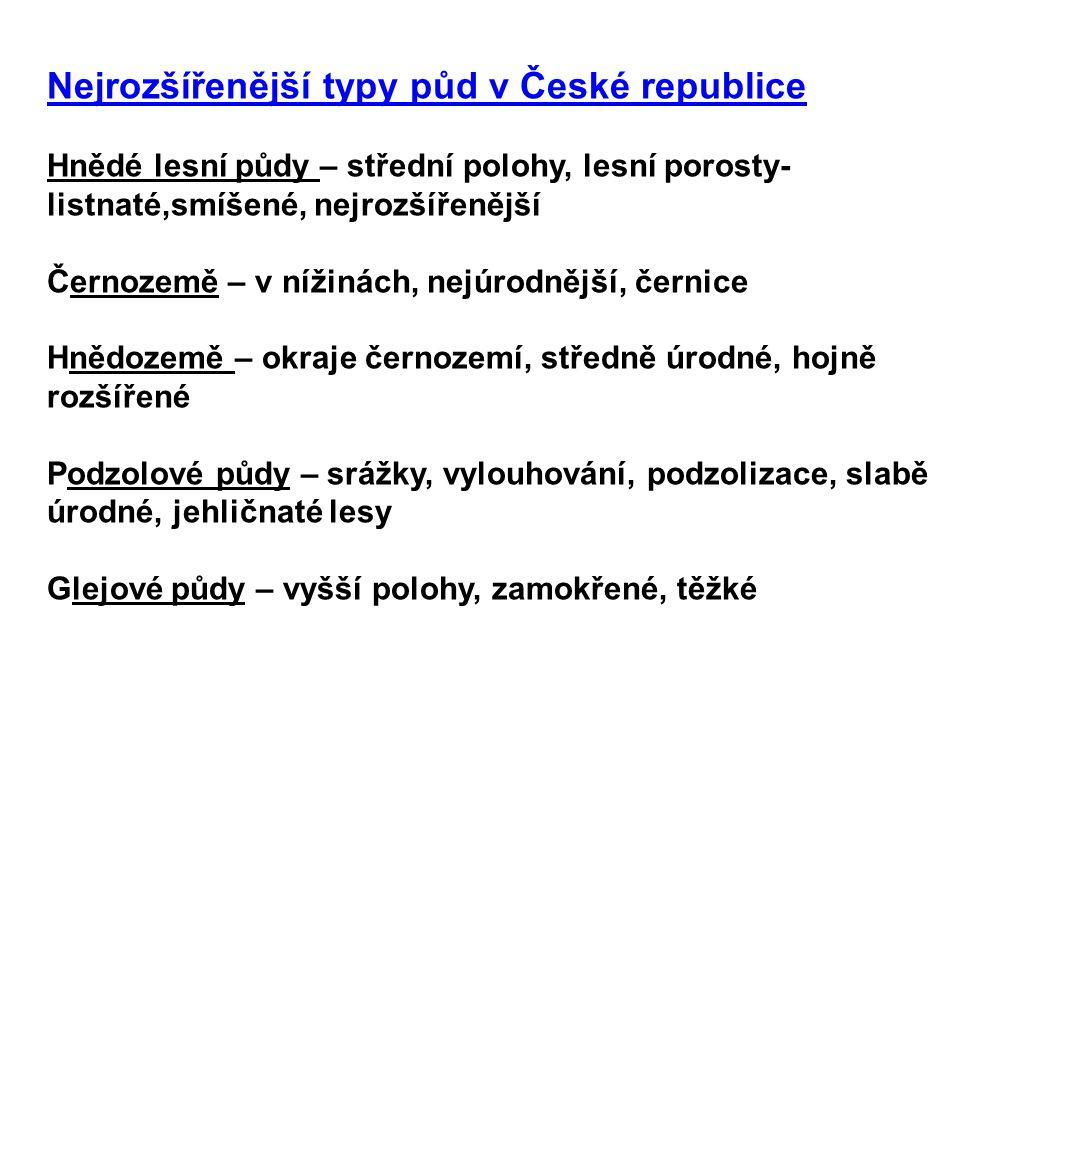 Nejrozšířenější typy půd v České republice